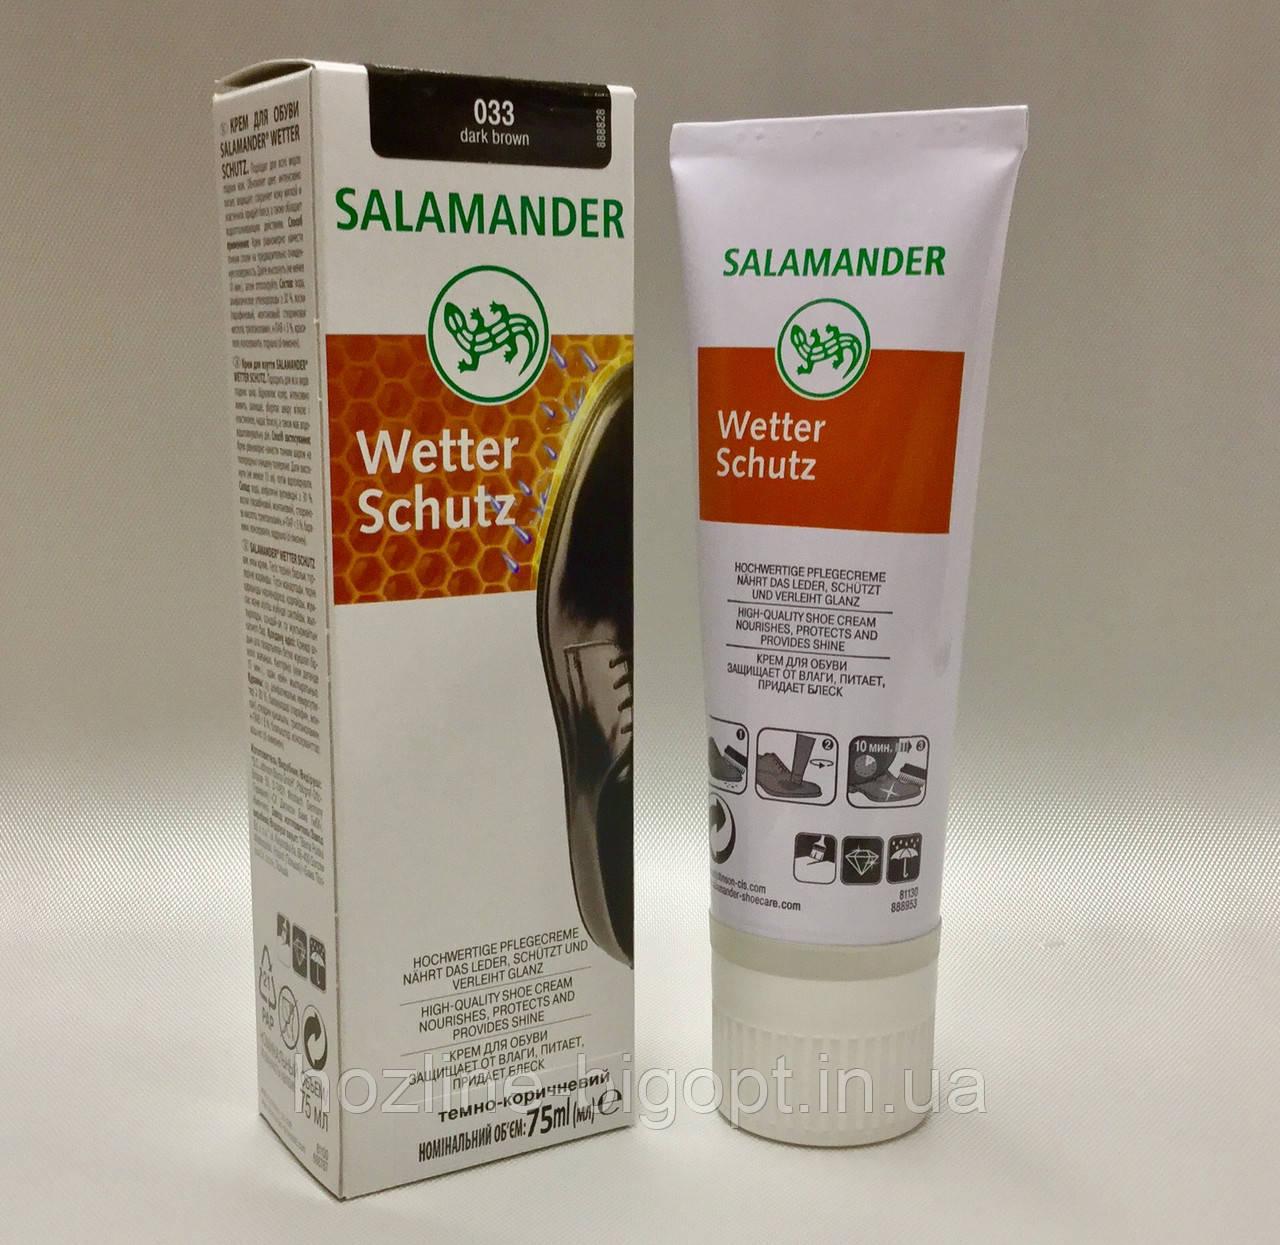 SALAMANDER крем для обуви 75мл ТЕМНО-КОРИЧНЕВЫЙ 0113/012